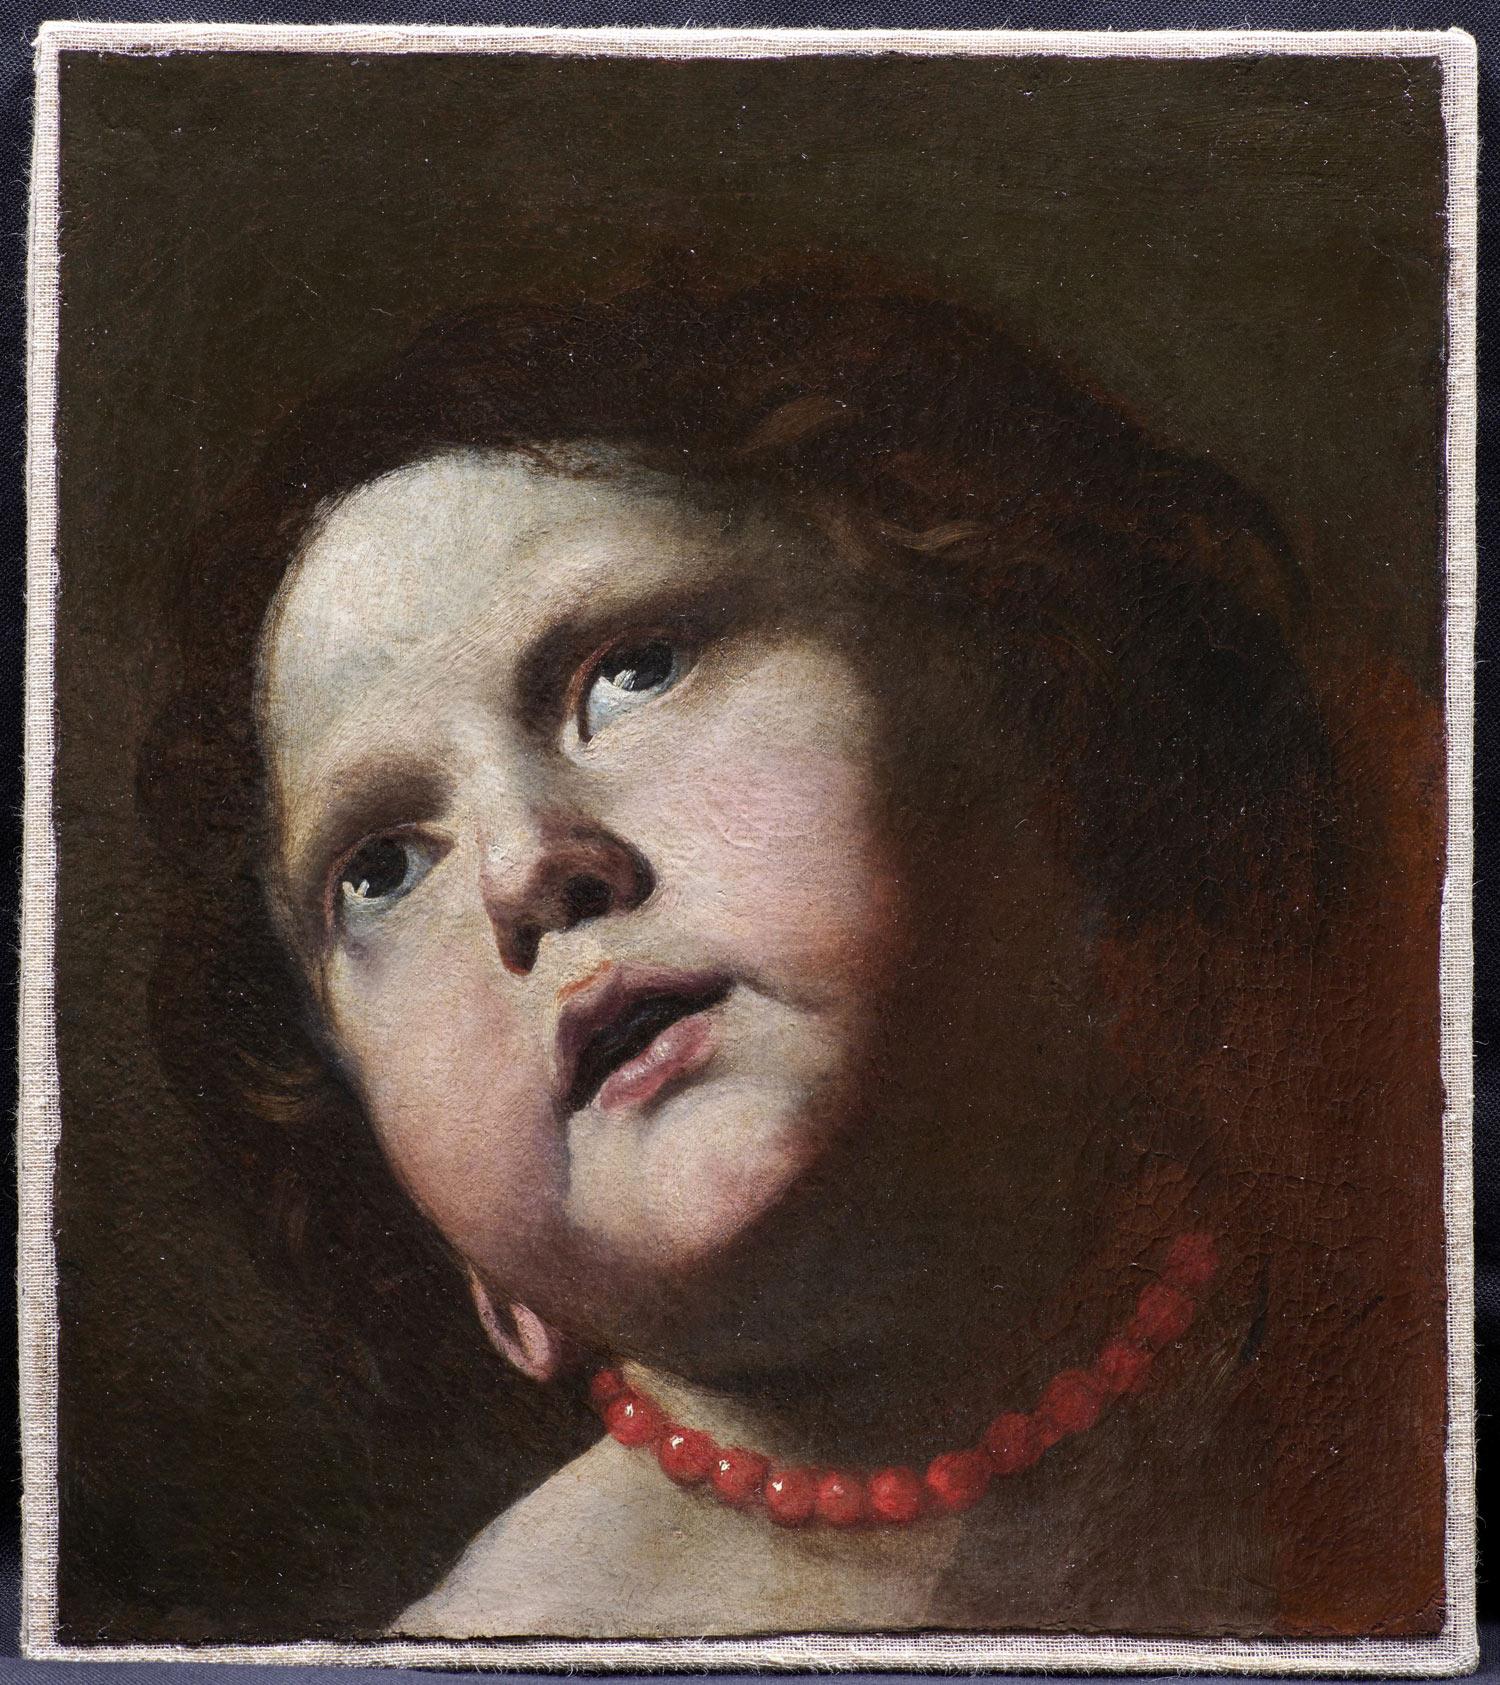 Mattia Preti, Testa di bambina con collana di corallo (1645-1650; olio su tela, 32 x 28,5 cm; Roma, Gallerie Nazionale d'Arte Antica, Galleria Corsini)